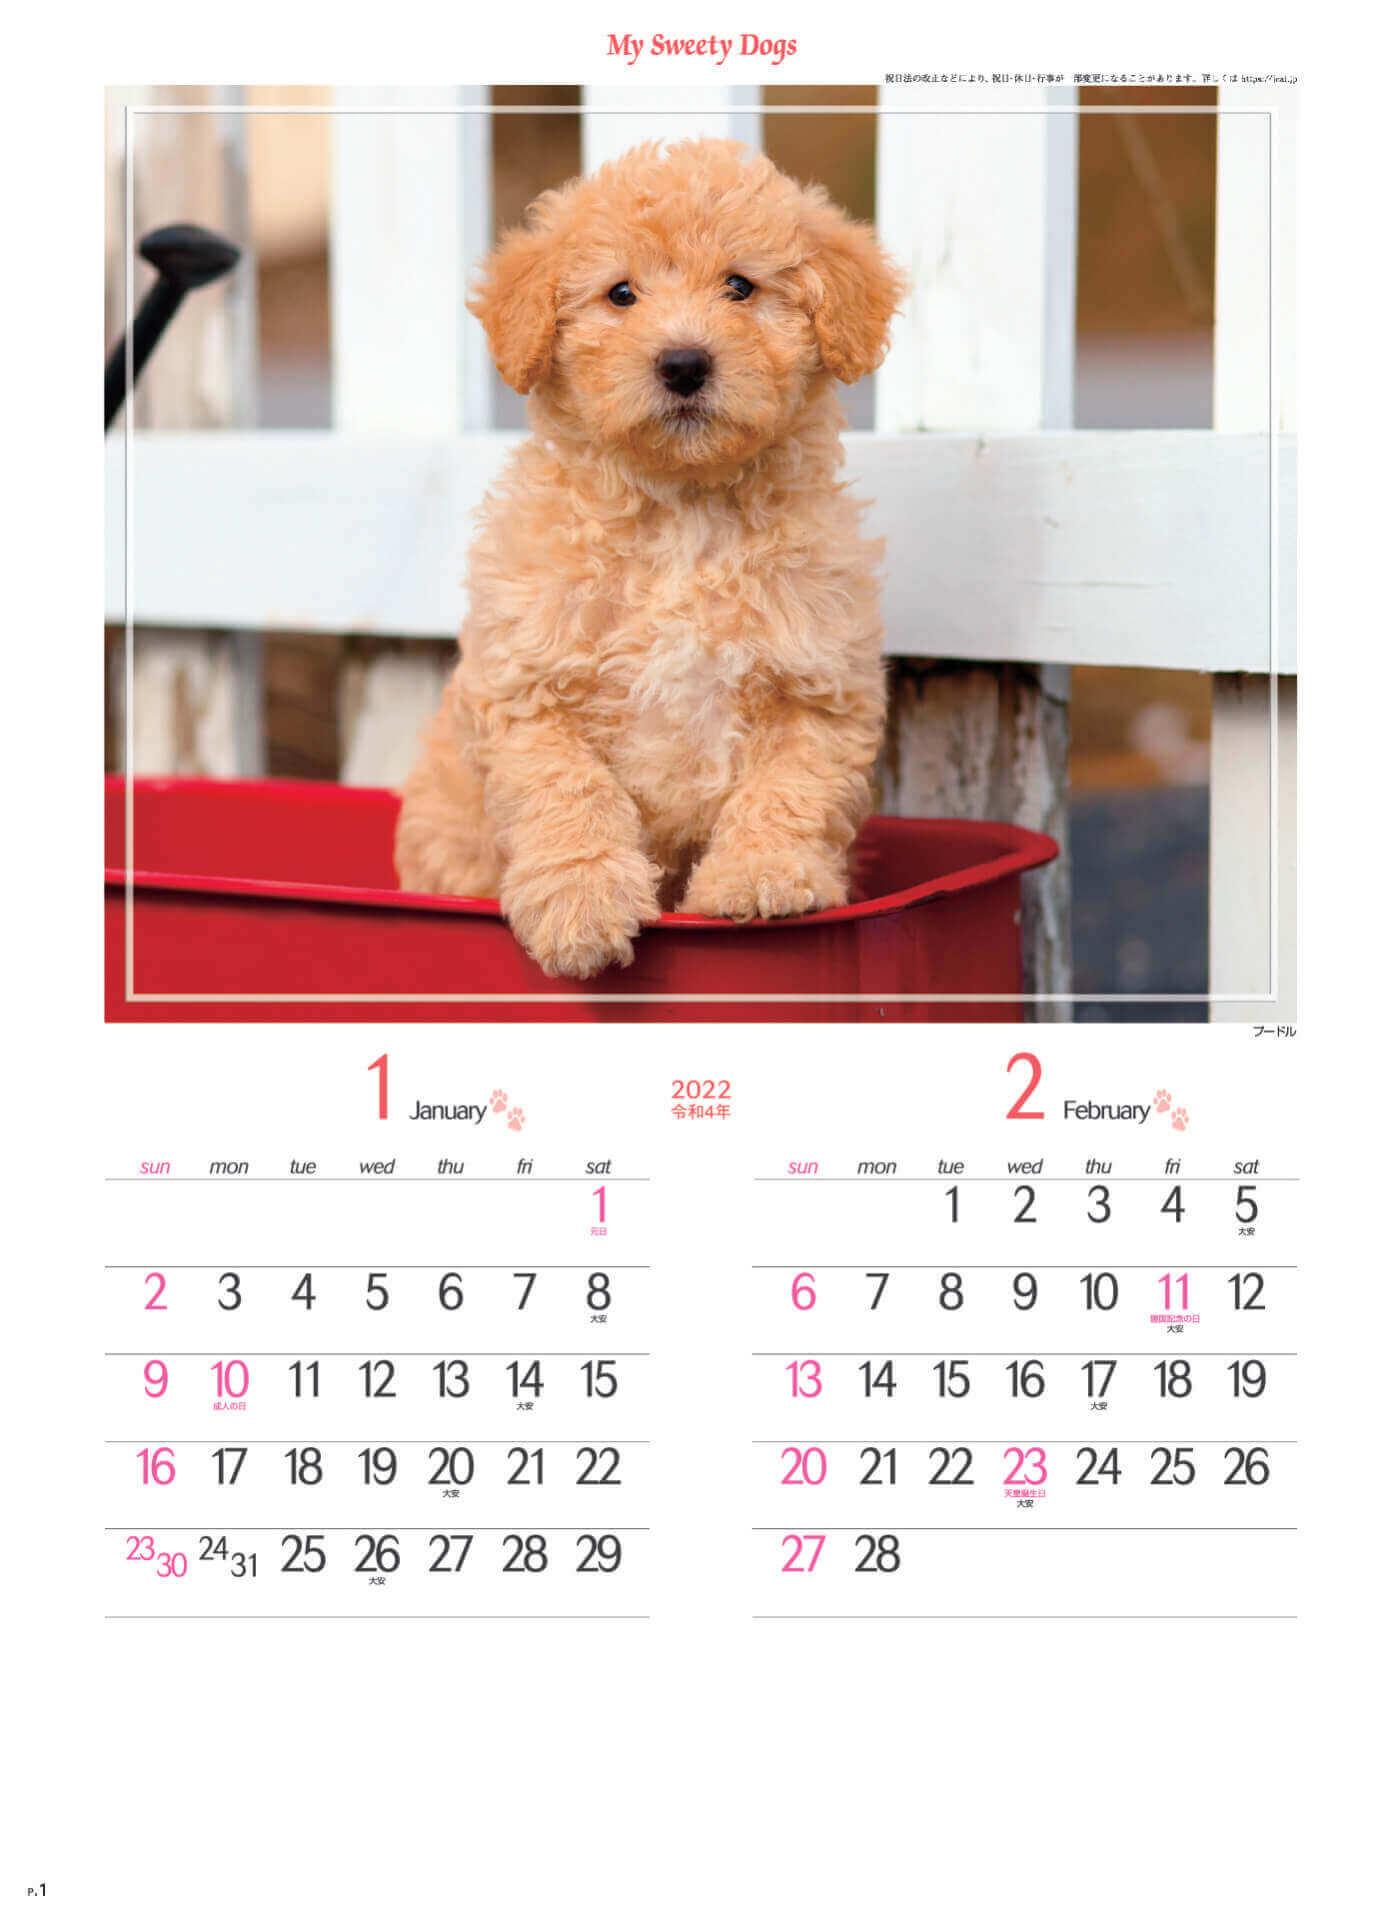 1-2月 プードル マイスウィーティードッグ 2022年カレンダーの画像